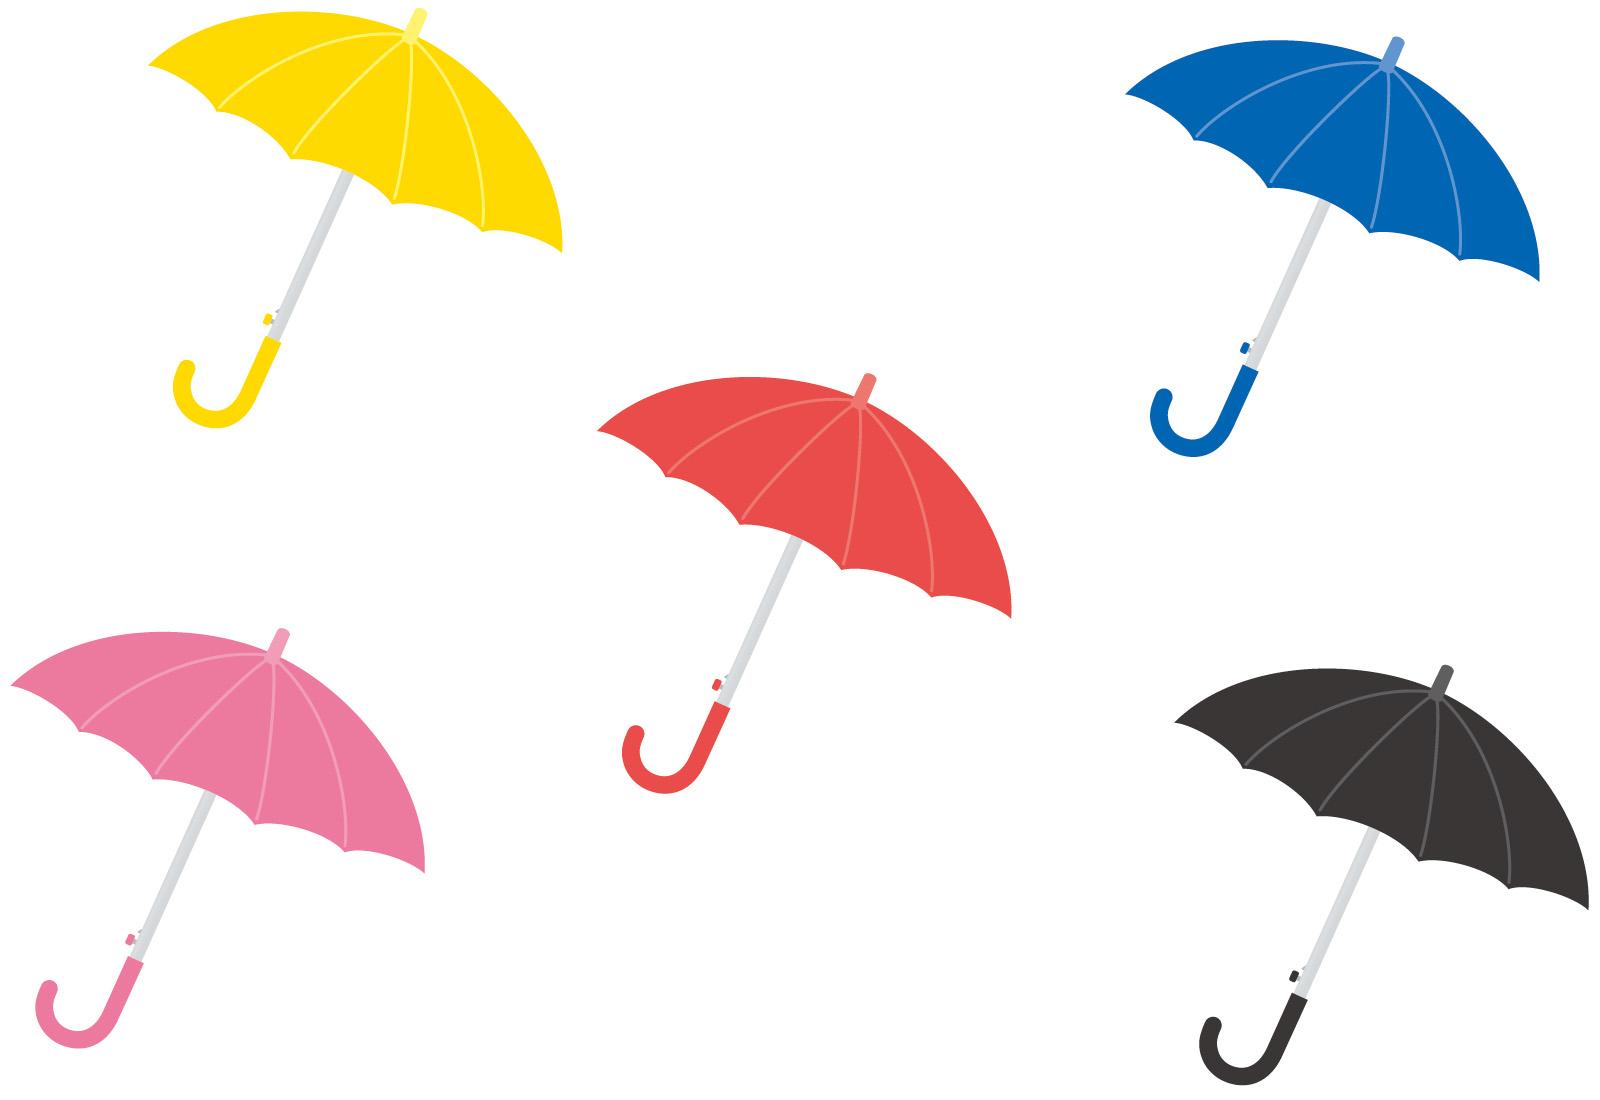 傘のイメージ画像